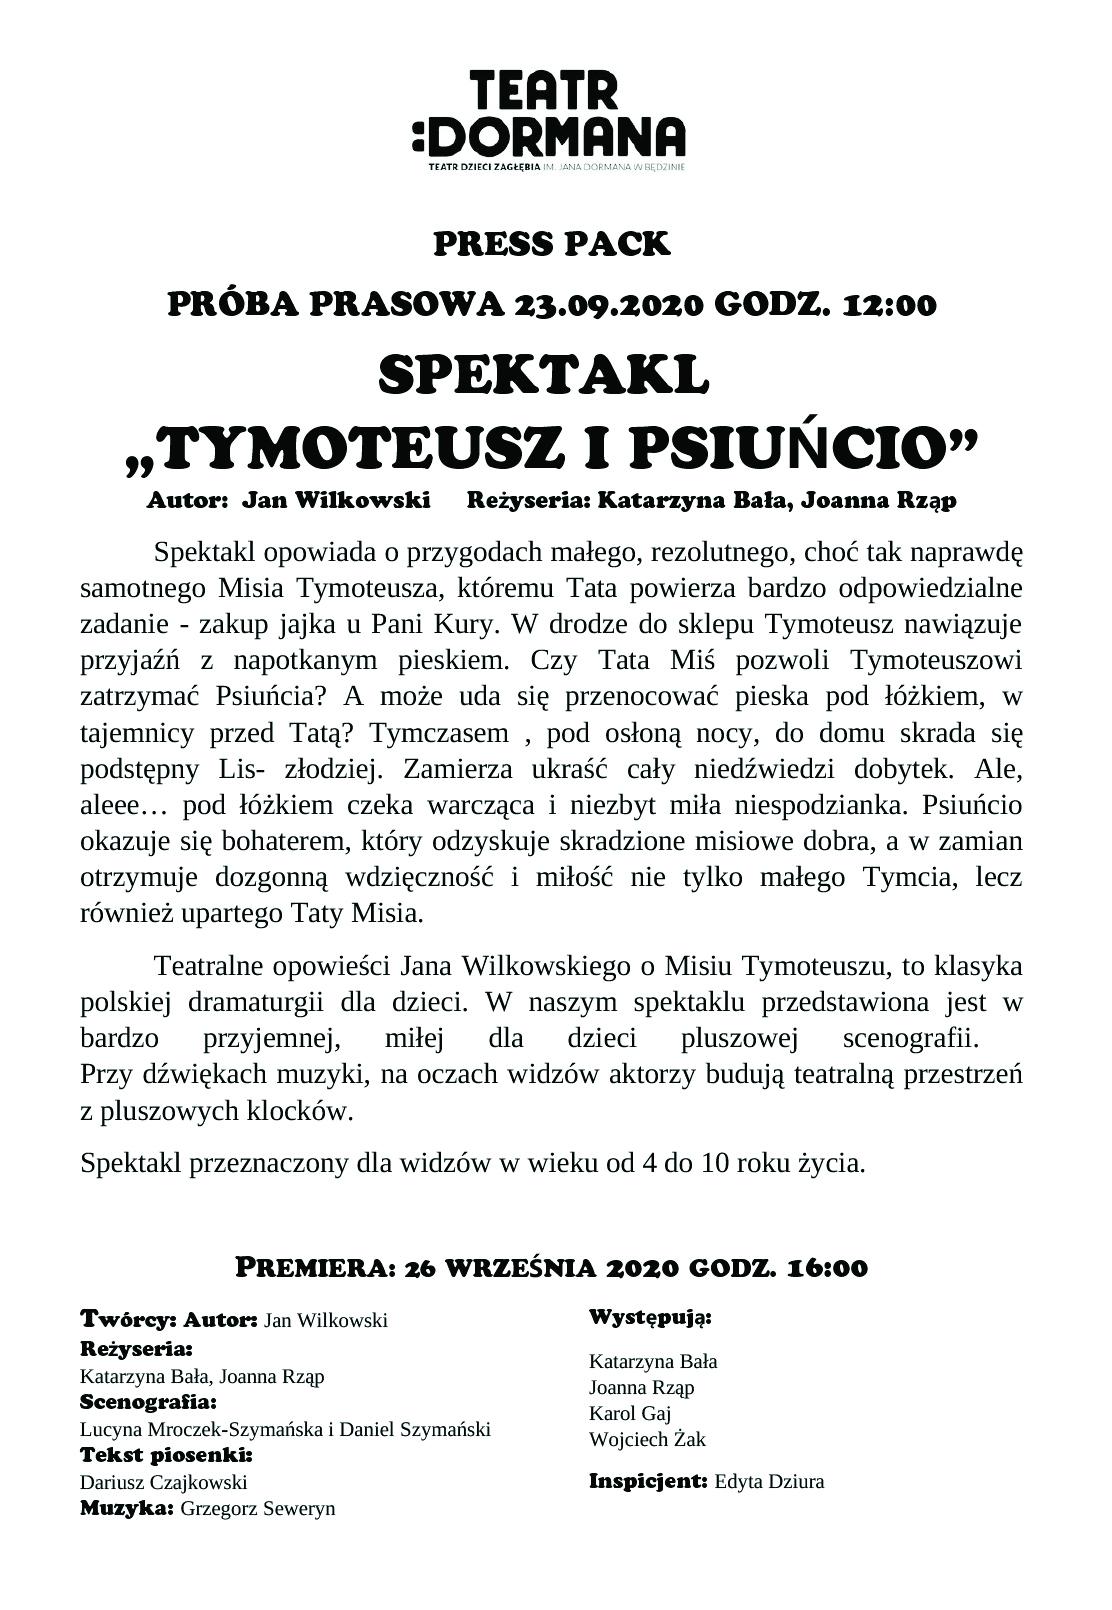 Plakat informujący o spektaklu